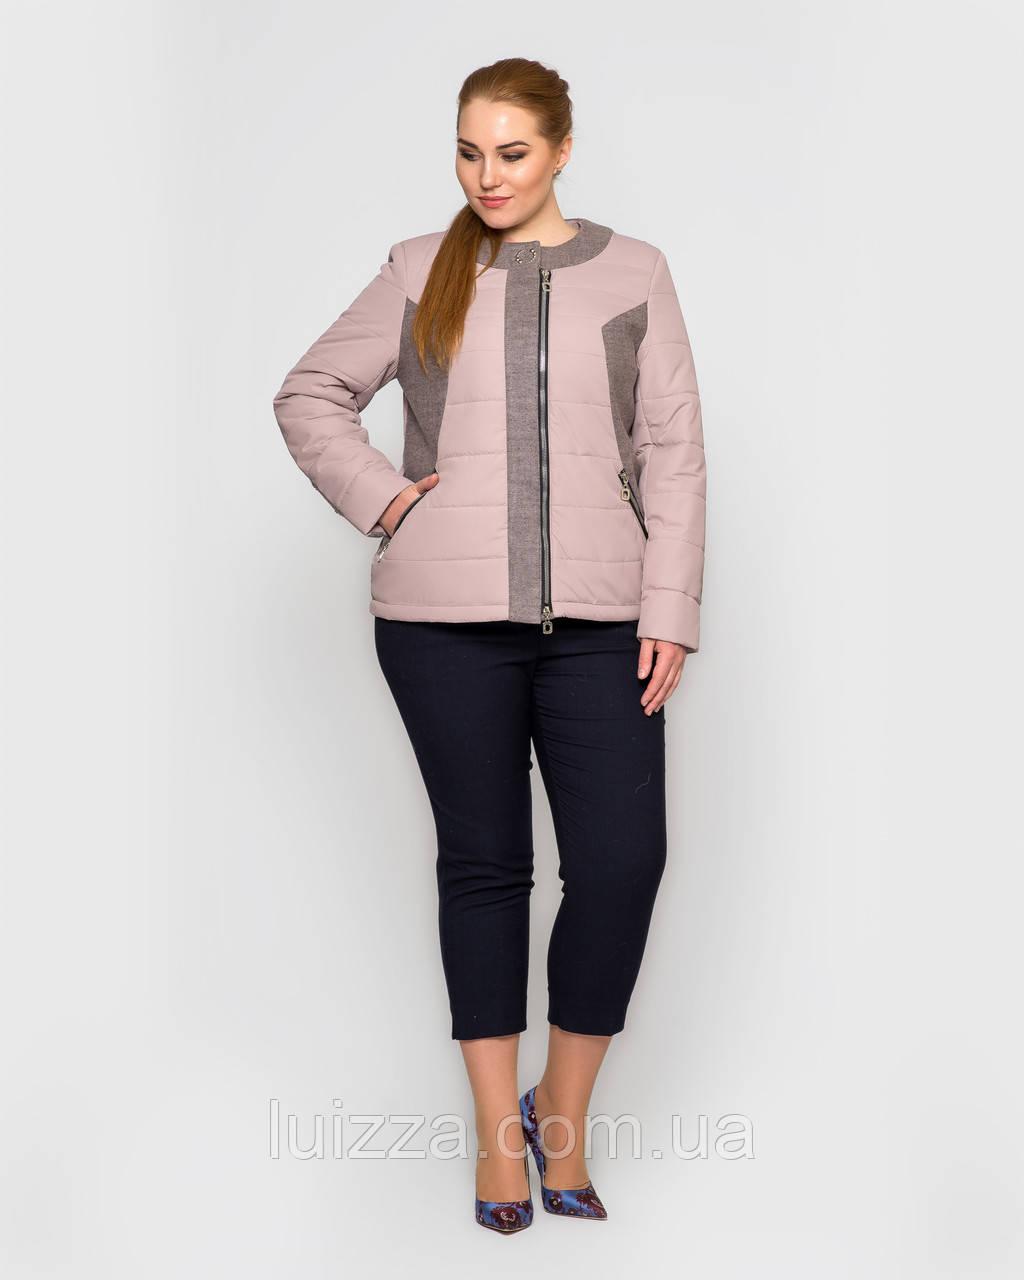 Женская демисезонная куртка с воротом Шанель 48-56рр, беж 58